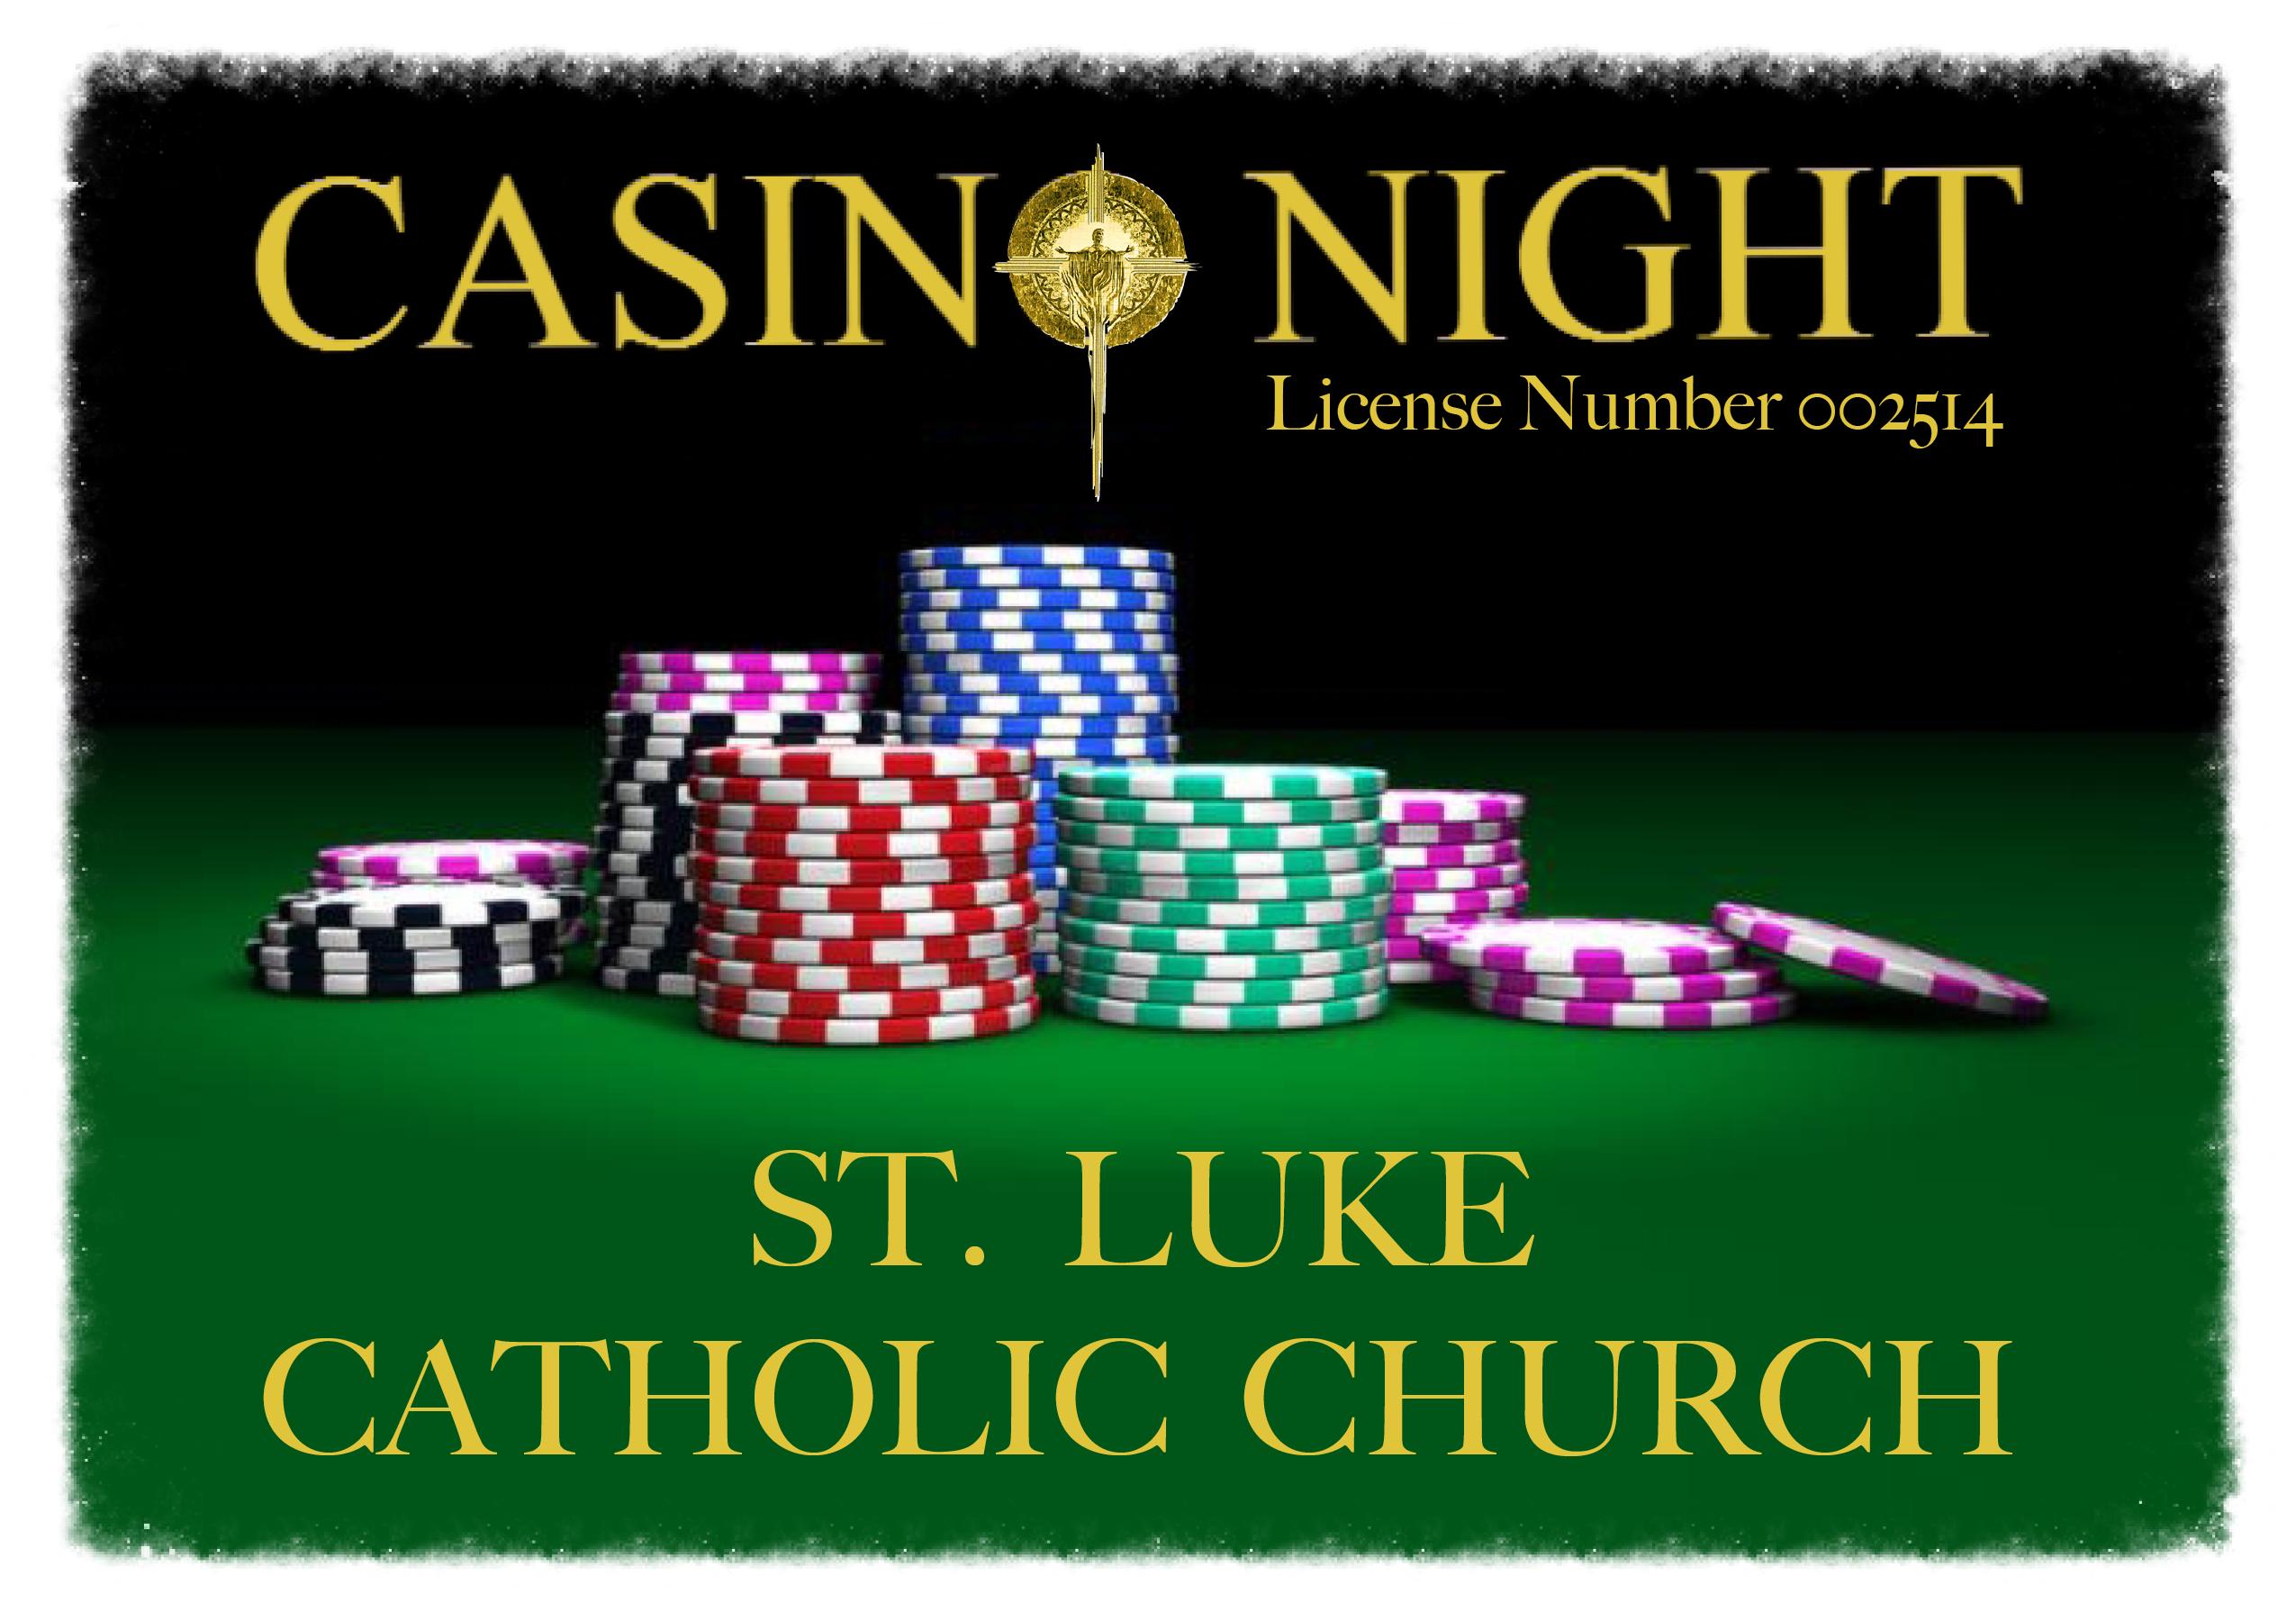 St. Luke Casino Night